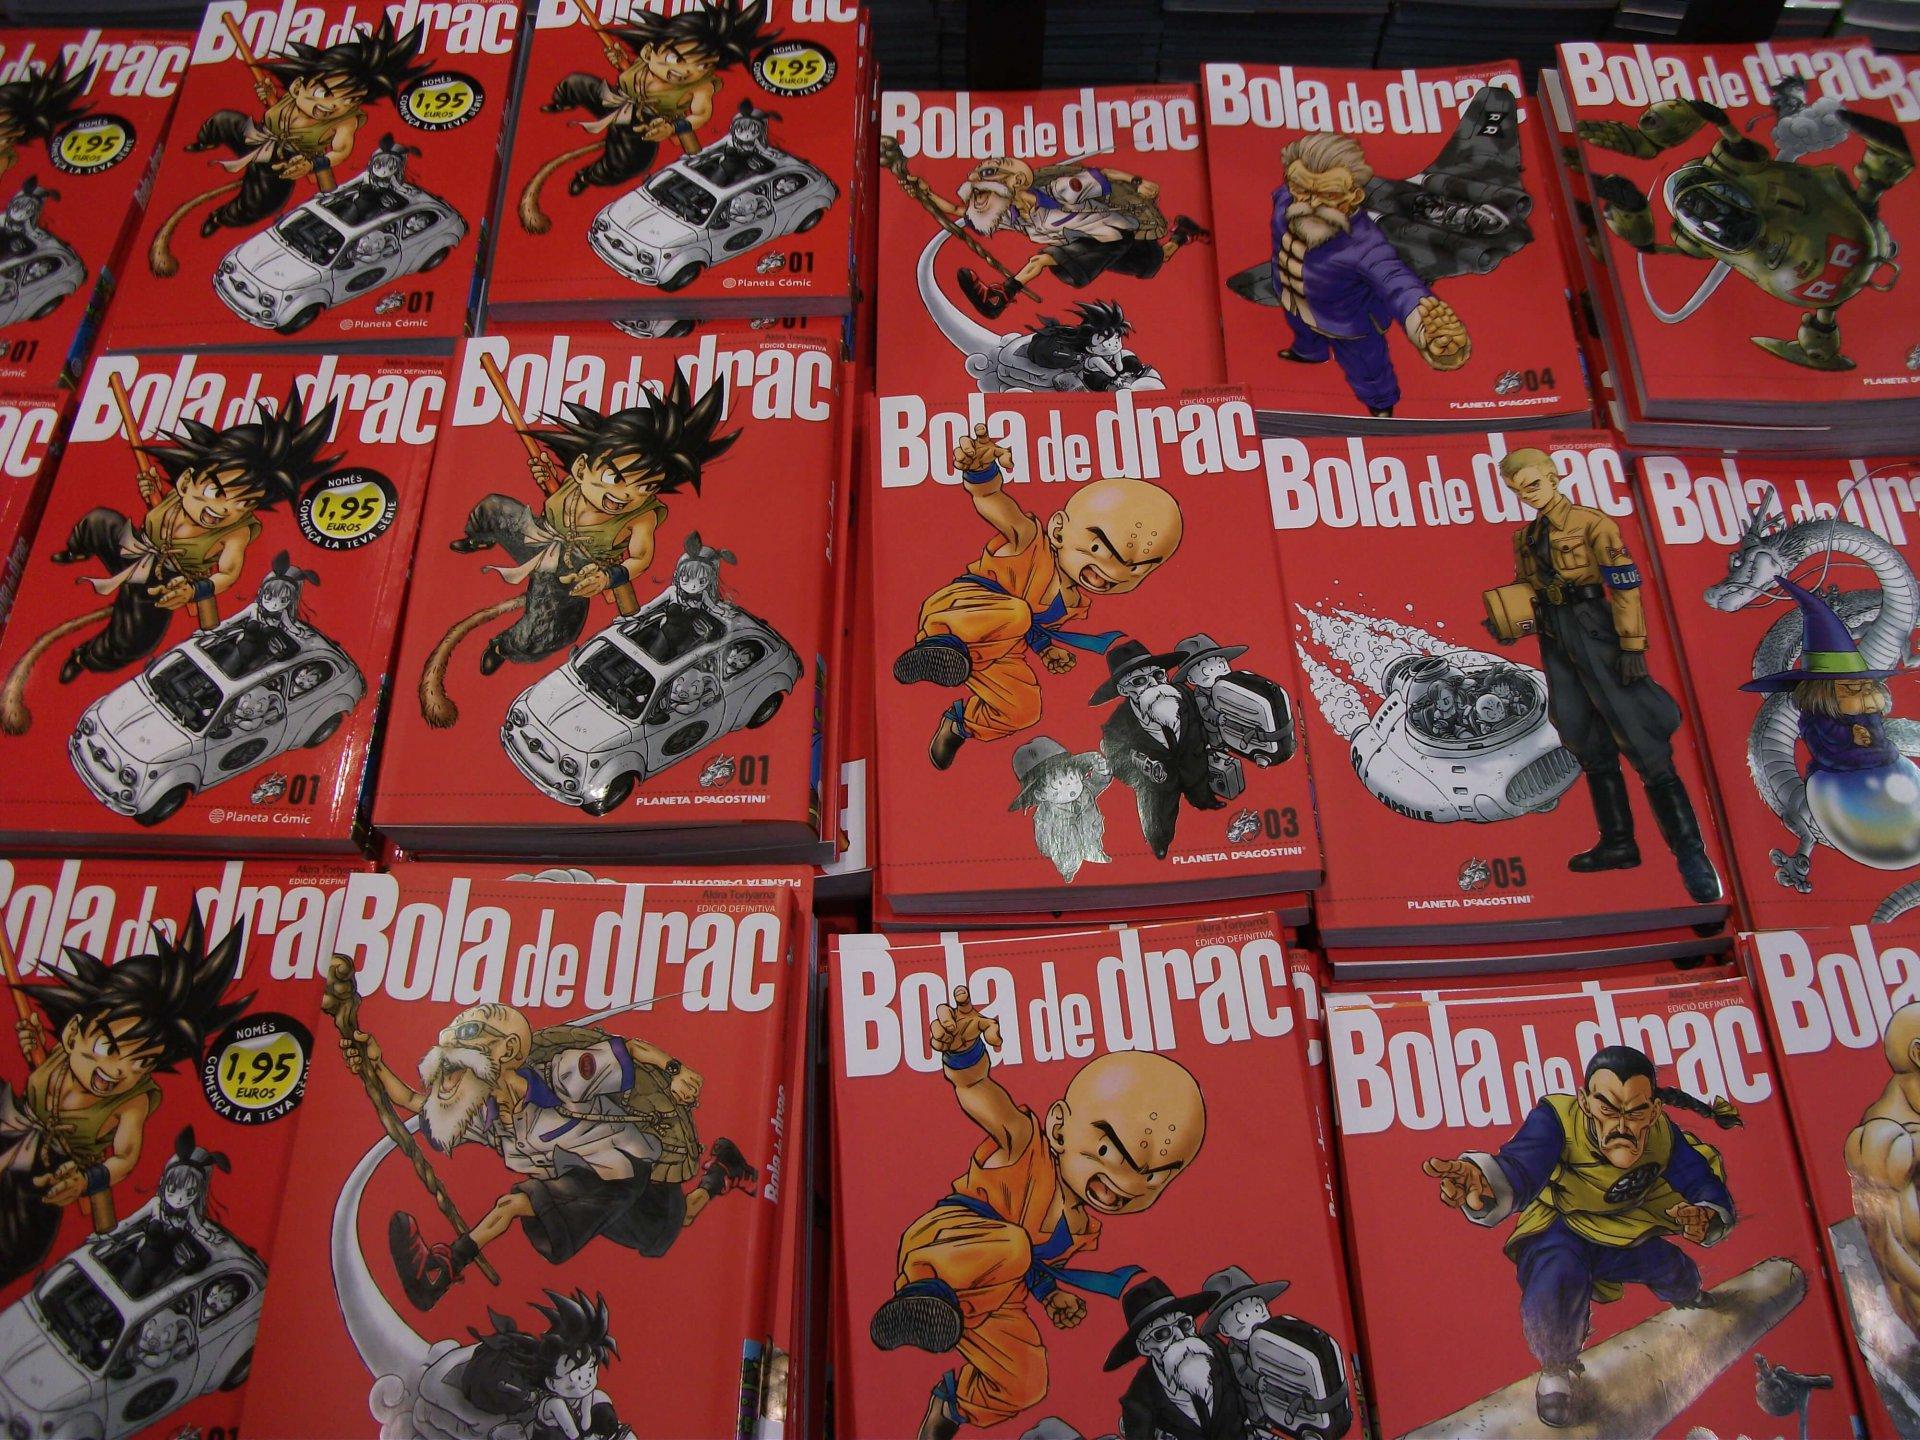 第35回バルセロナ国際コミックフェア現地リポート その Dragon